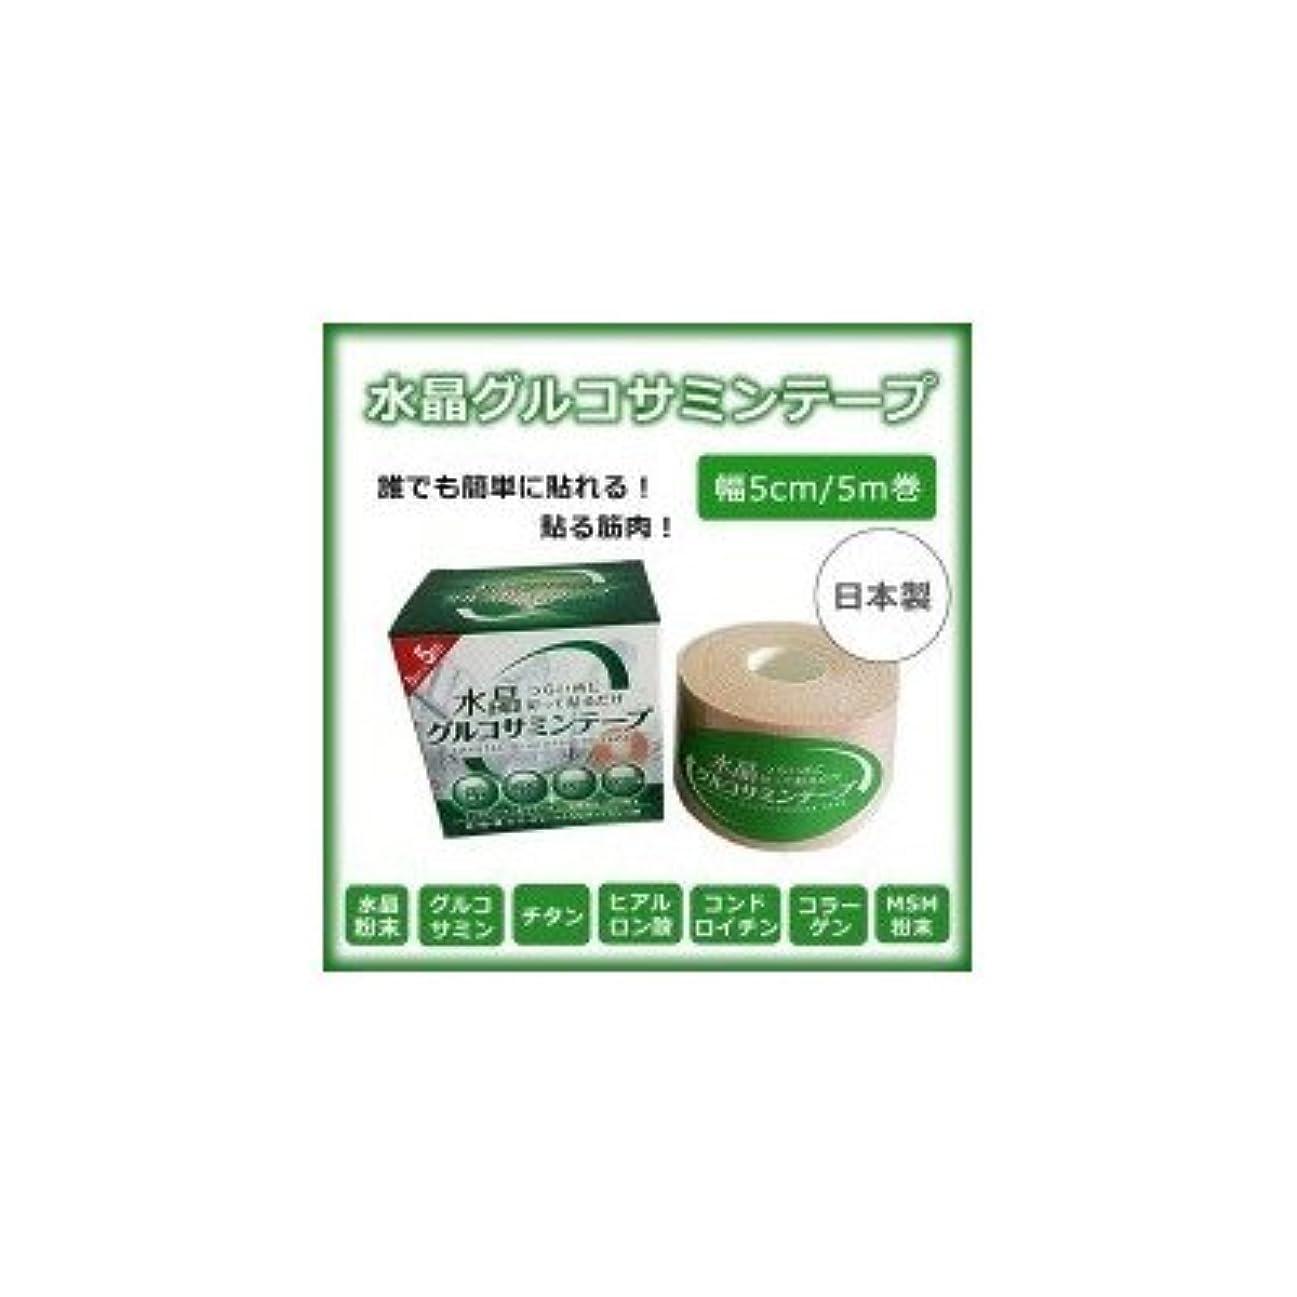 引き算事業鎮痛剤水晶グルコサミンテープ (幅5cm、5m巻)